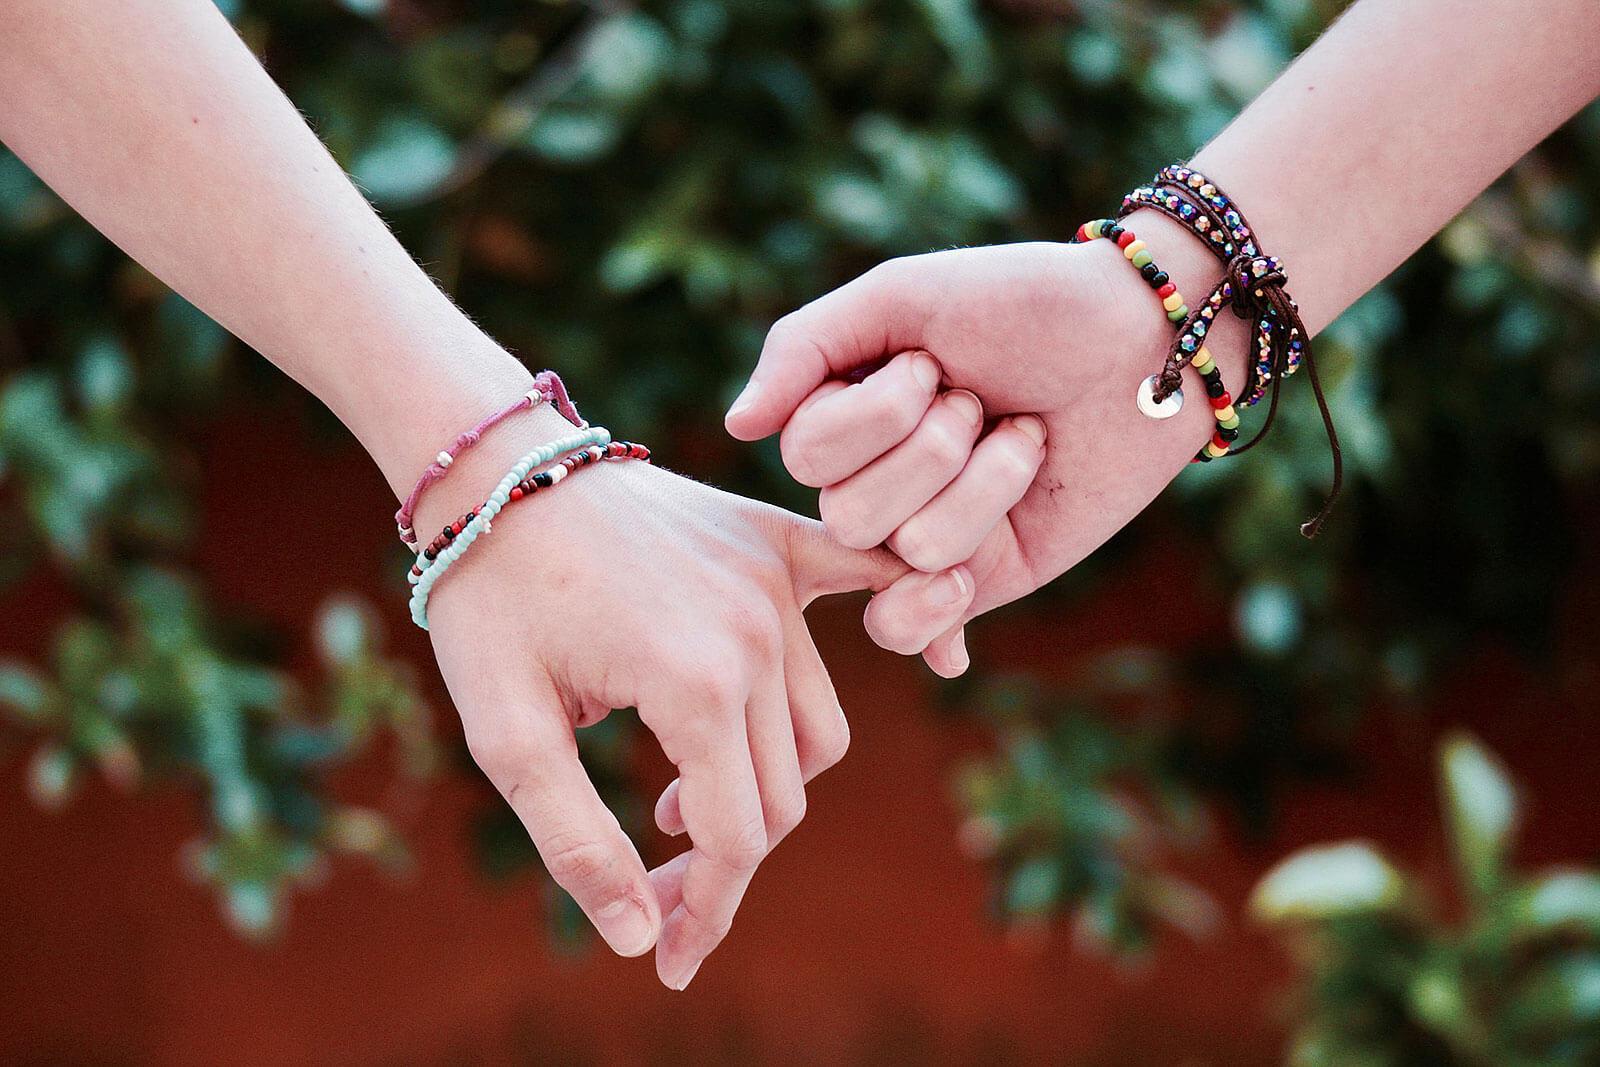 Pulseiras em braços com mãos dadas.